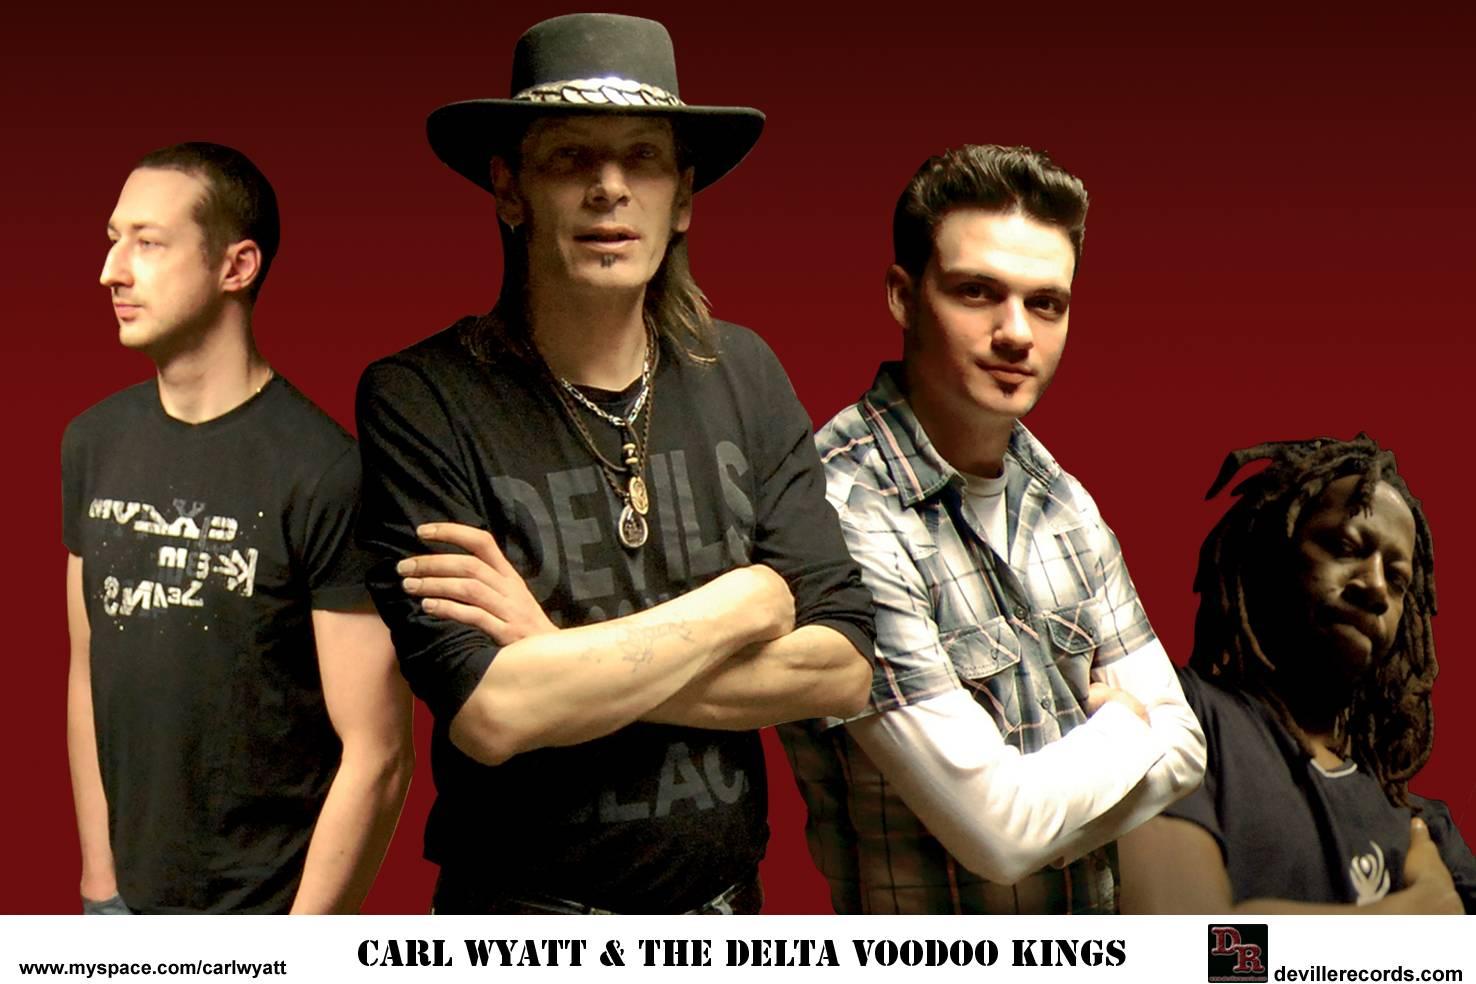 The Delta Voodoo Kings